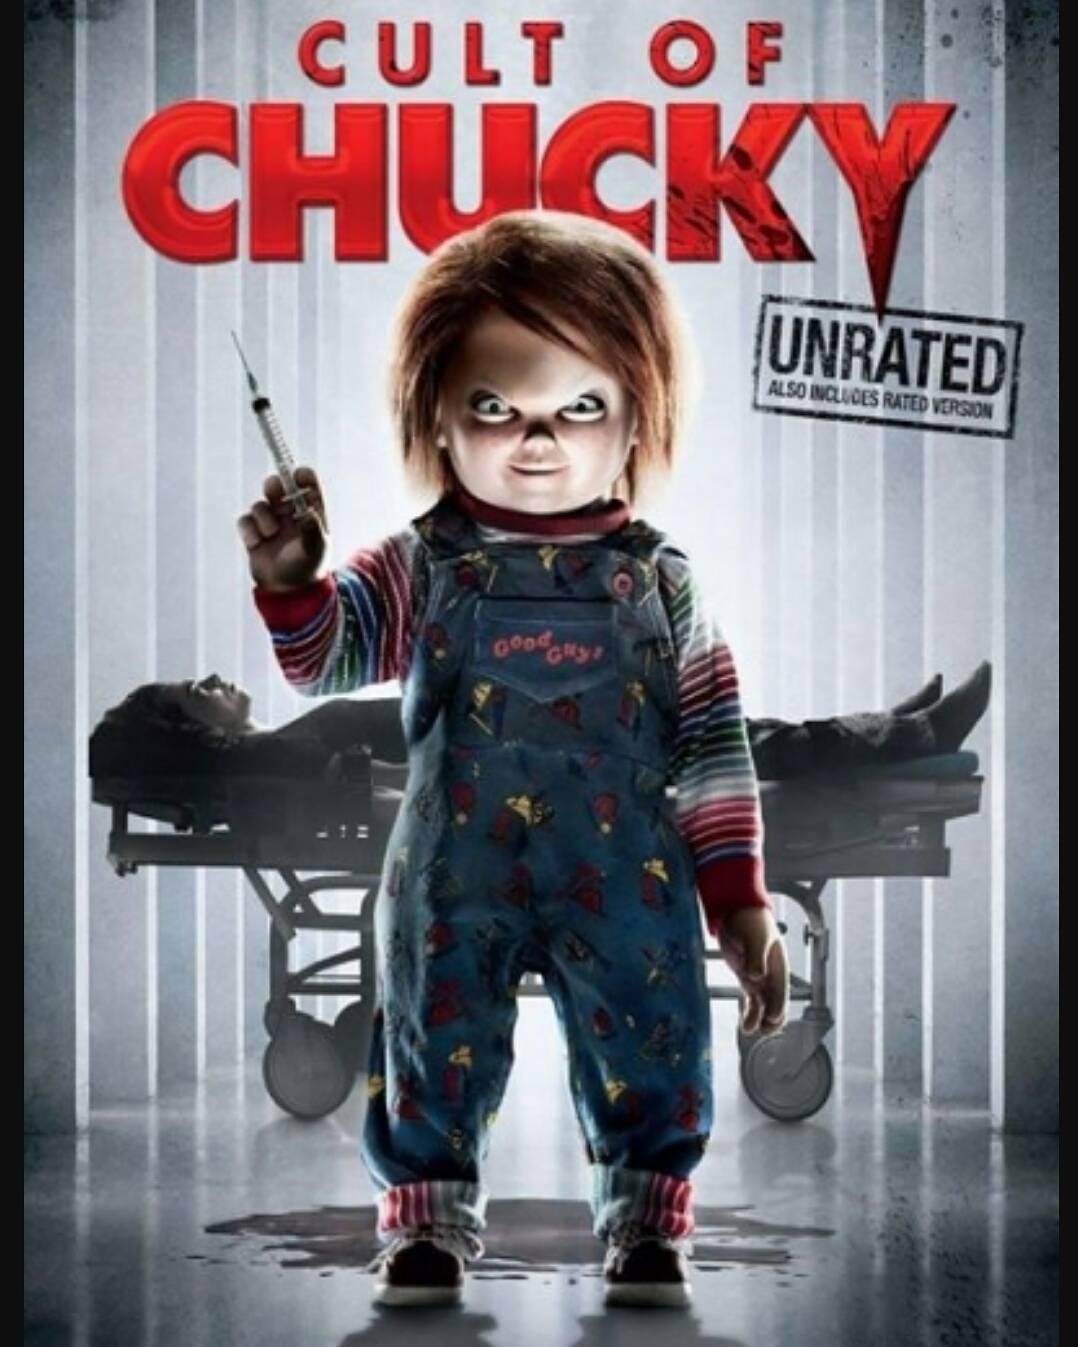 Xem Phim Ma Búp Bê 7: Sự Tôn Sùng Chucky 2017